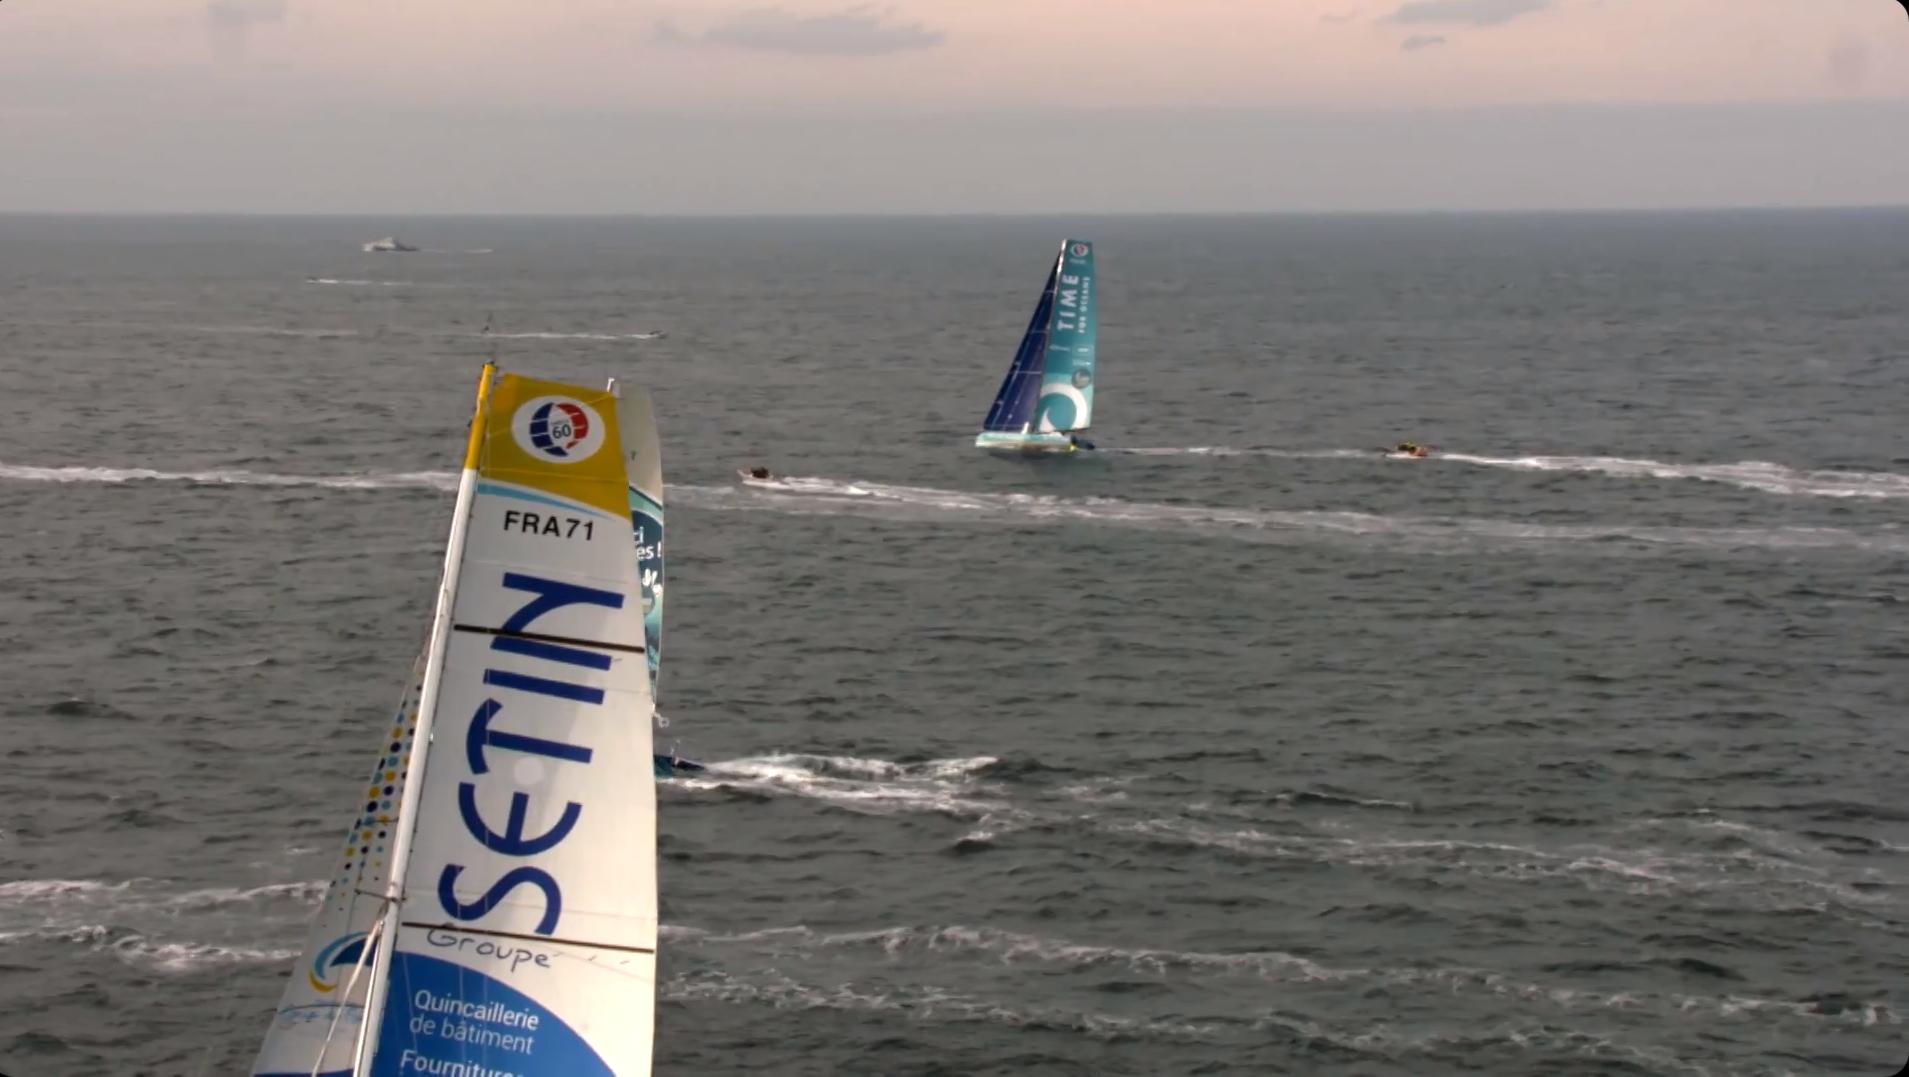 Time For Oceans - Stéphane Le Diraison - Route Du Rhum 2018